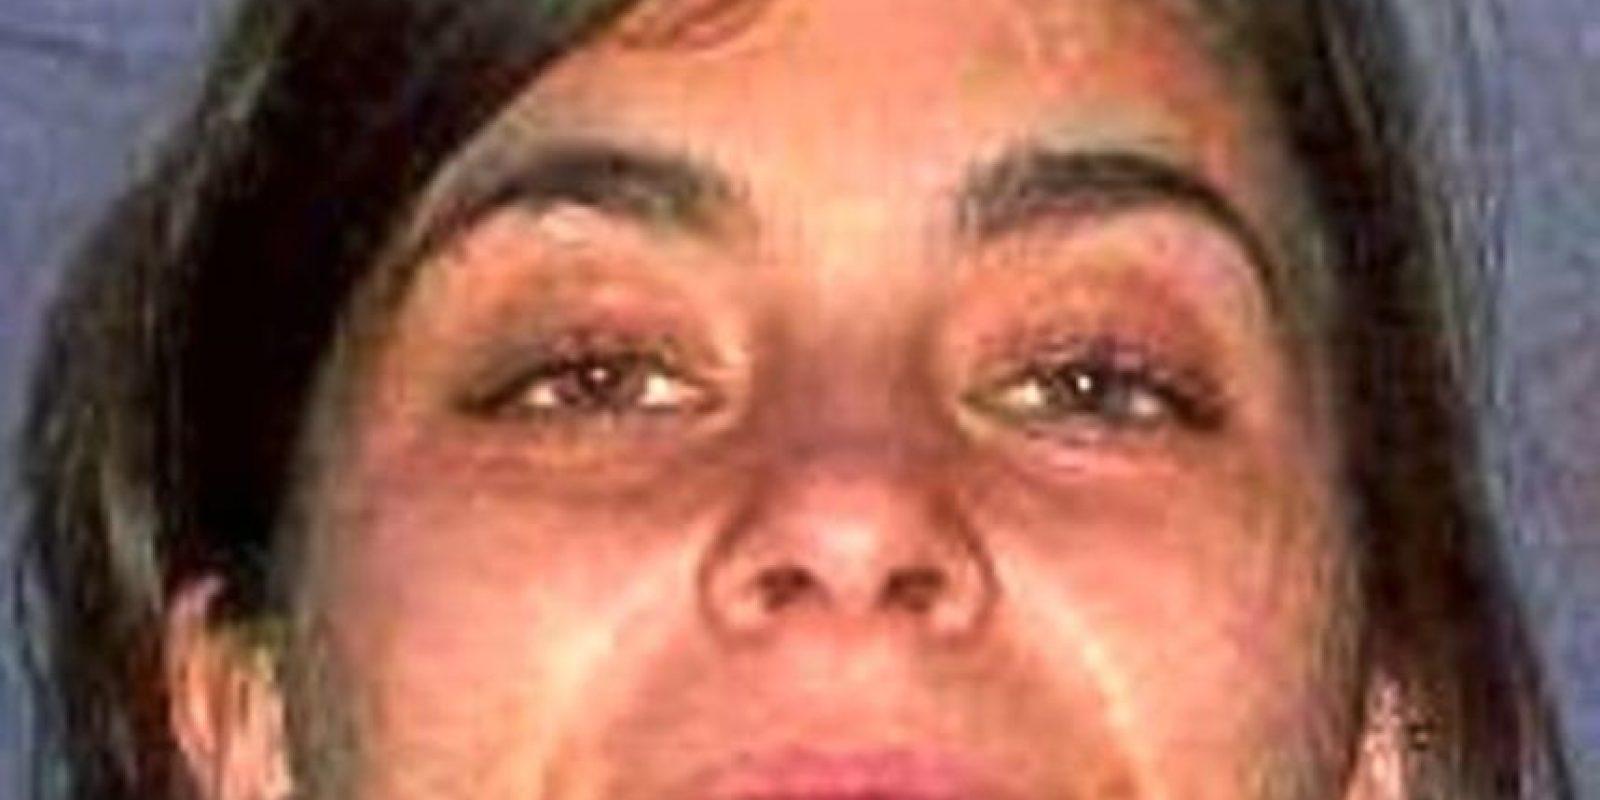 """La madre de la joven declaró: """"No le permitía tener fotos en su perfil de WhatsApp y la obligó a cerrar su Facebook por celos"""" Foto:lajornadaweb.com.ar"""